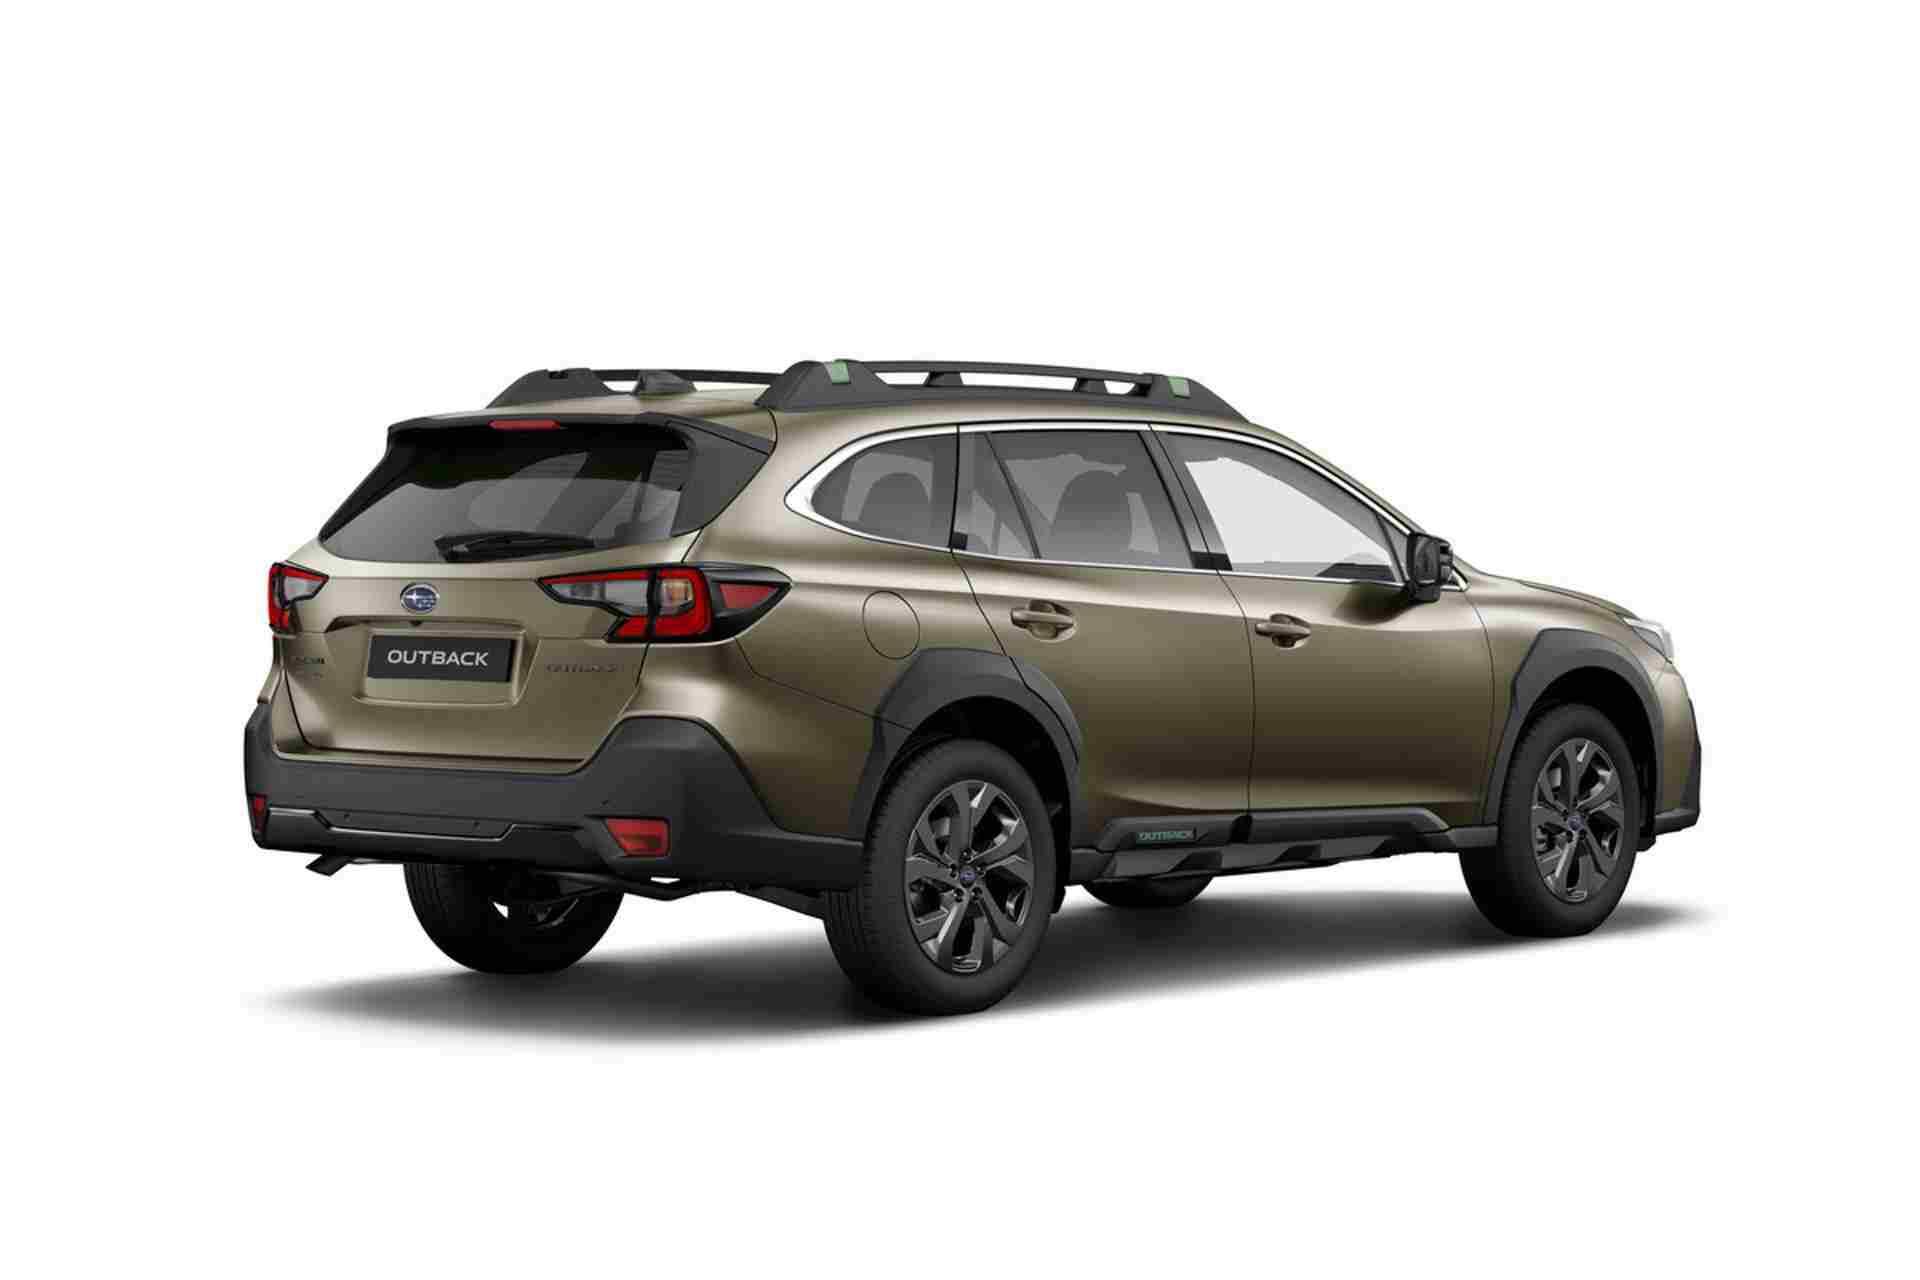 Subaru_Outback-greek_0012